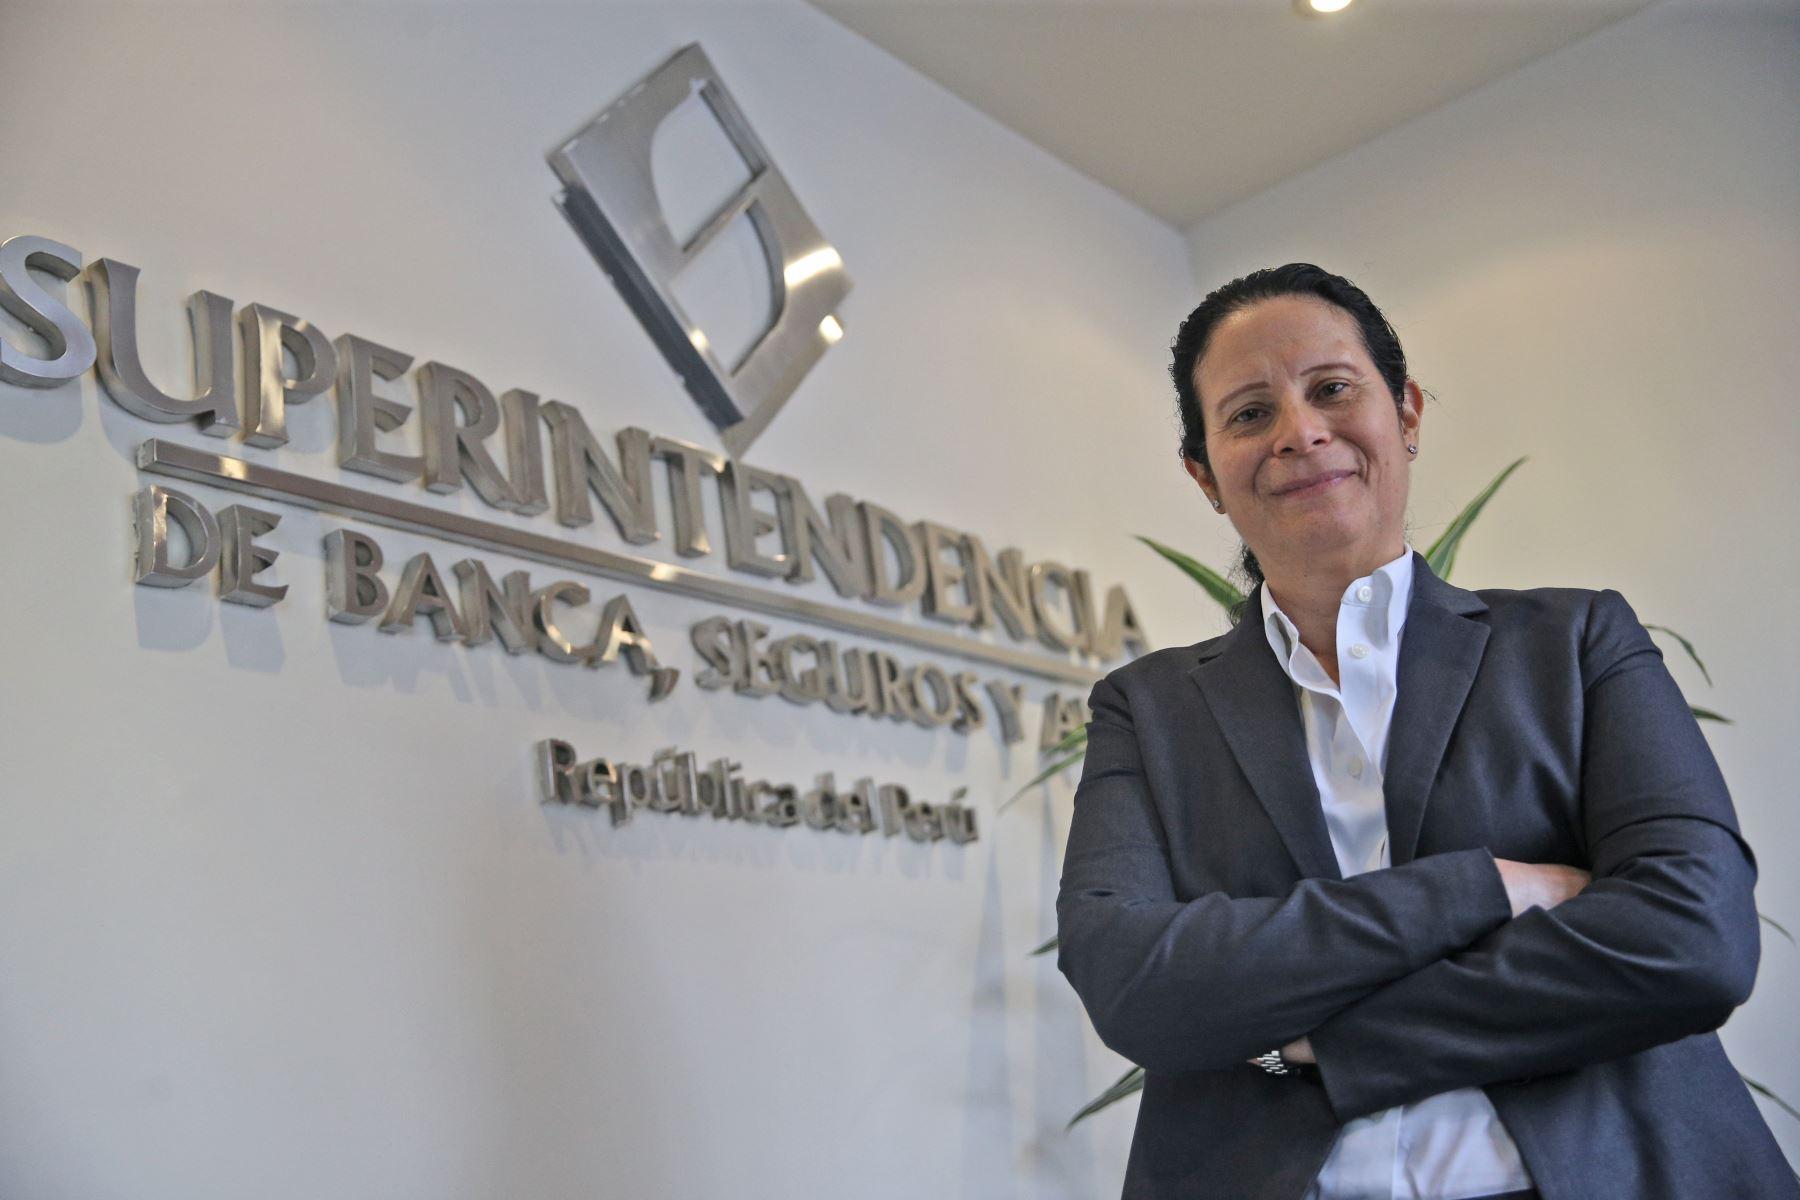 Superintendenta de la Superintendencia de Banca, Seguros y AFP (SBS). Foto: ANDINA/archivo